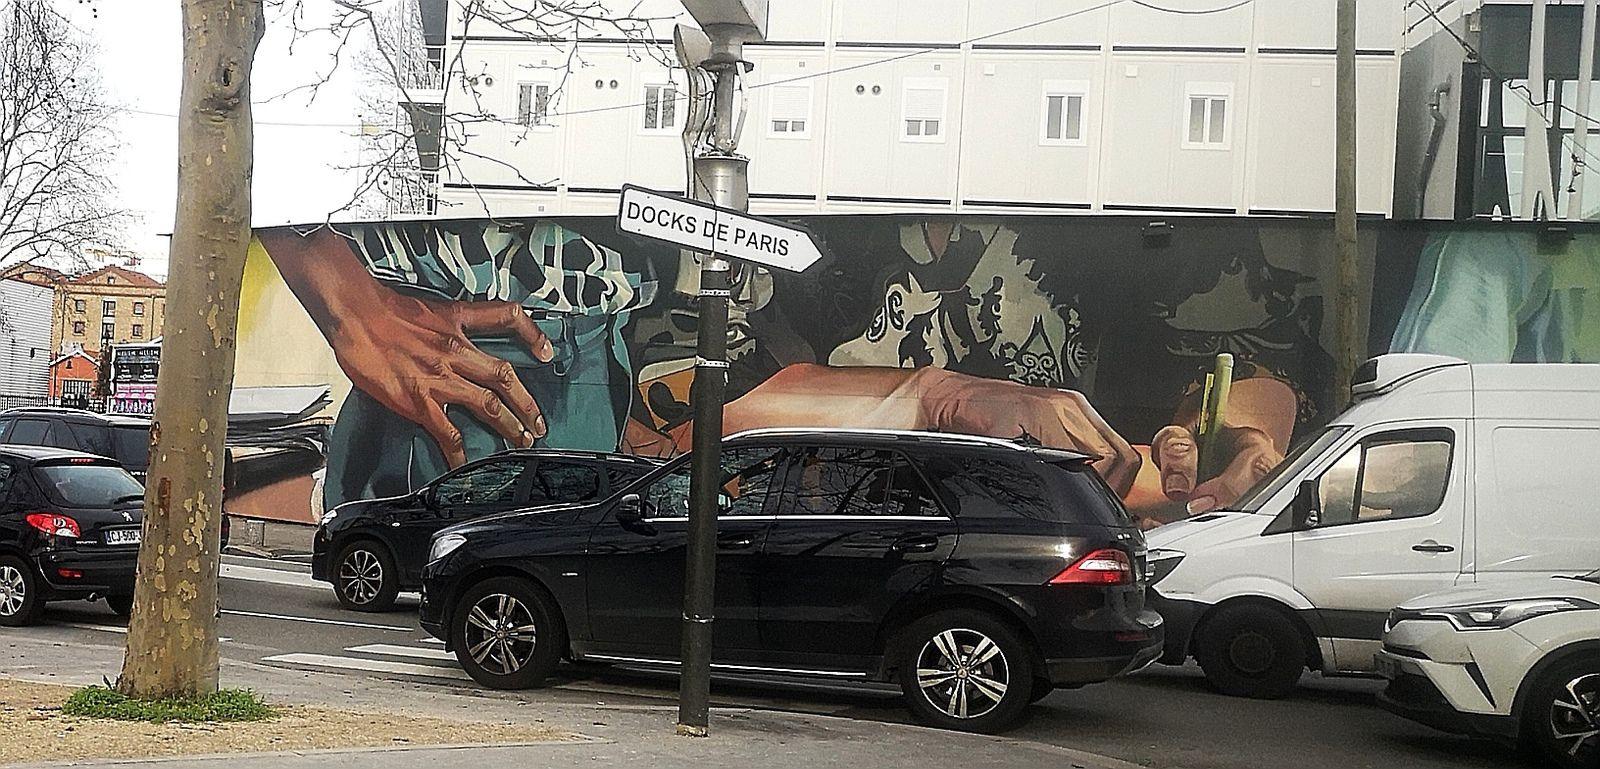 Fresque porte d'aubervilliers sur les métiers d'art.